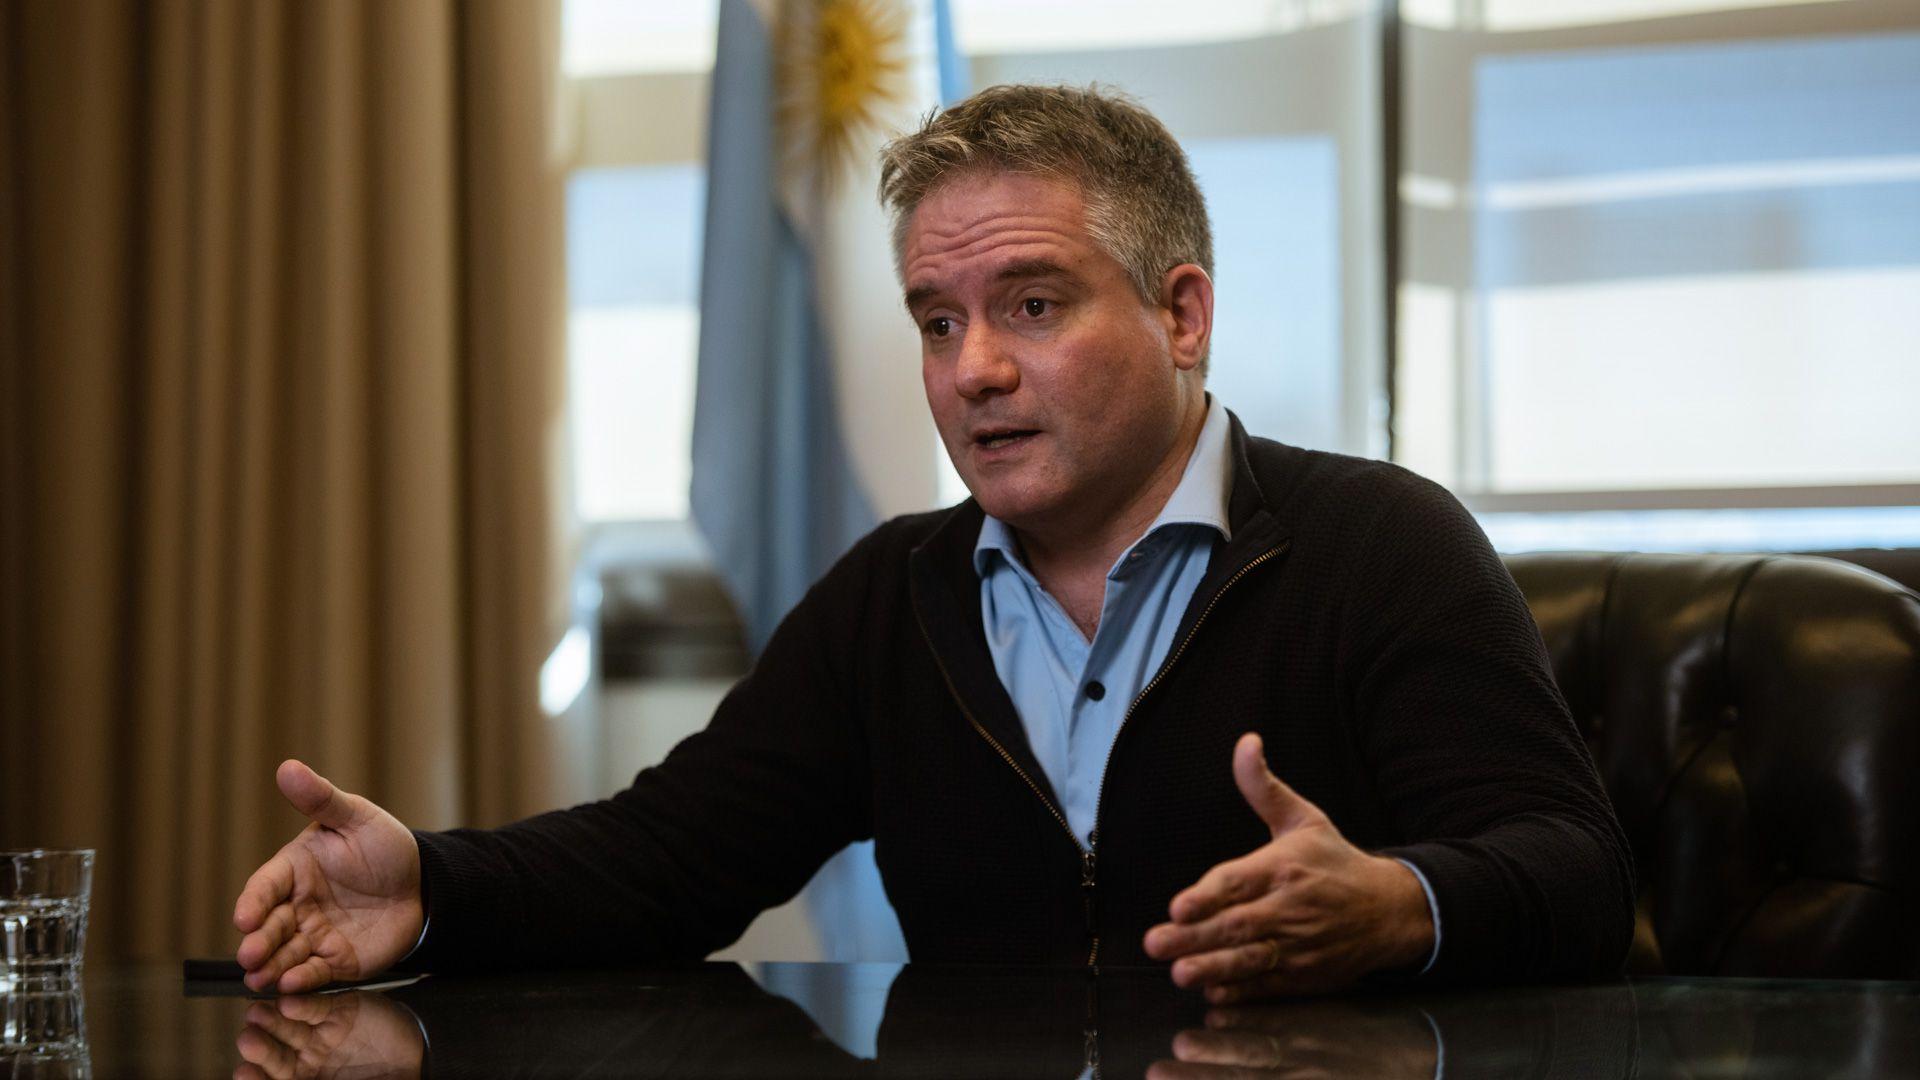 Marcelo Dalessandro Ministro de Seguridad y Justicia de la Ciudad Autónoma de Buenos Aires